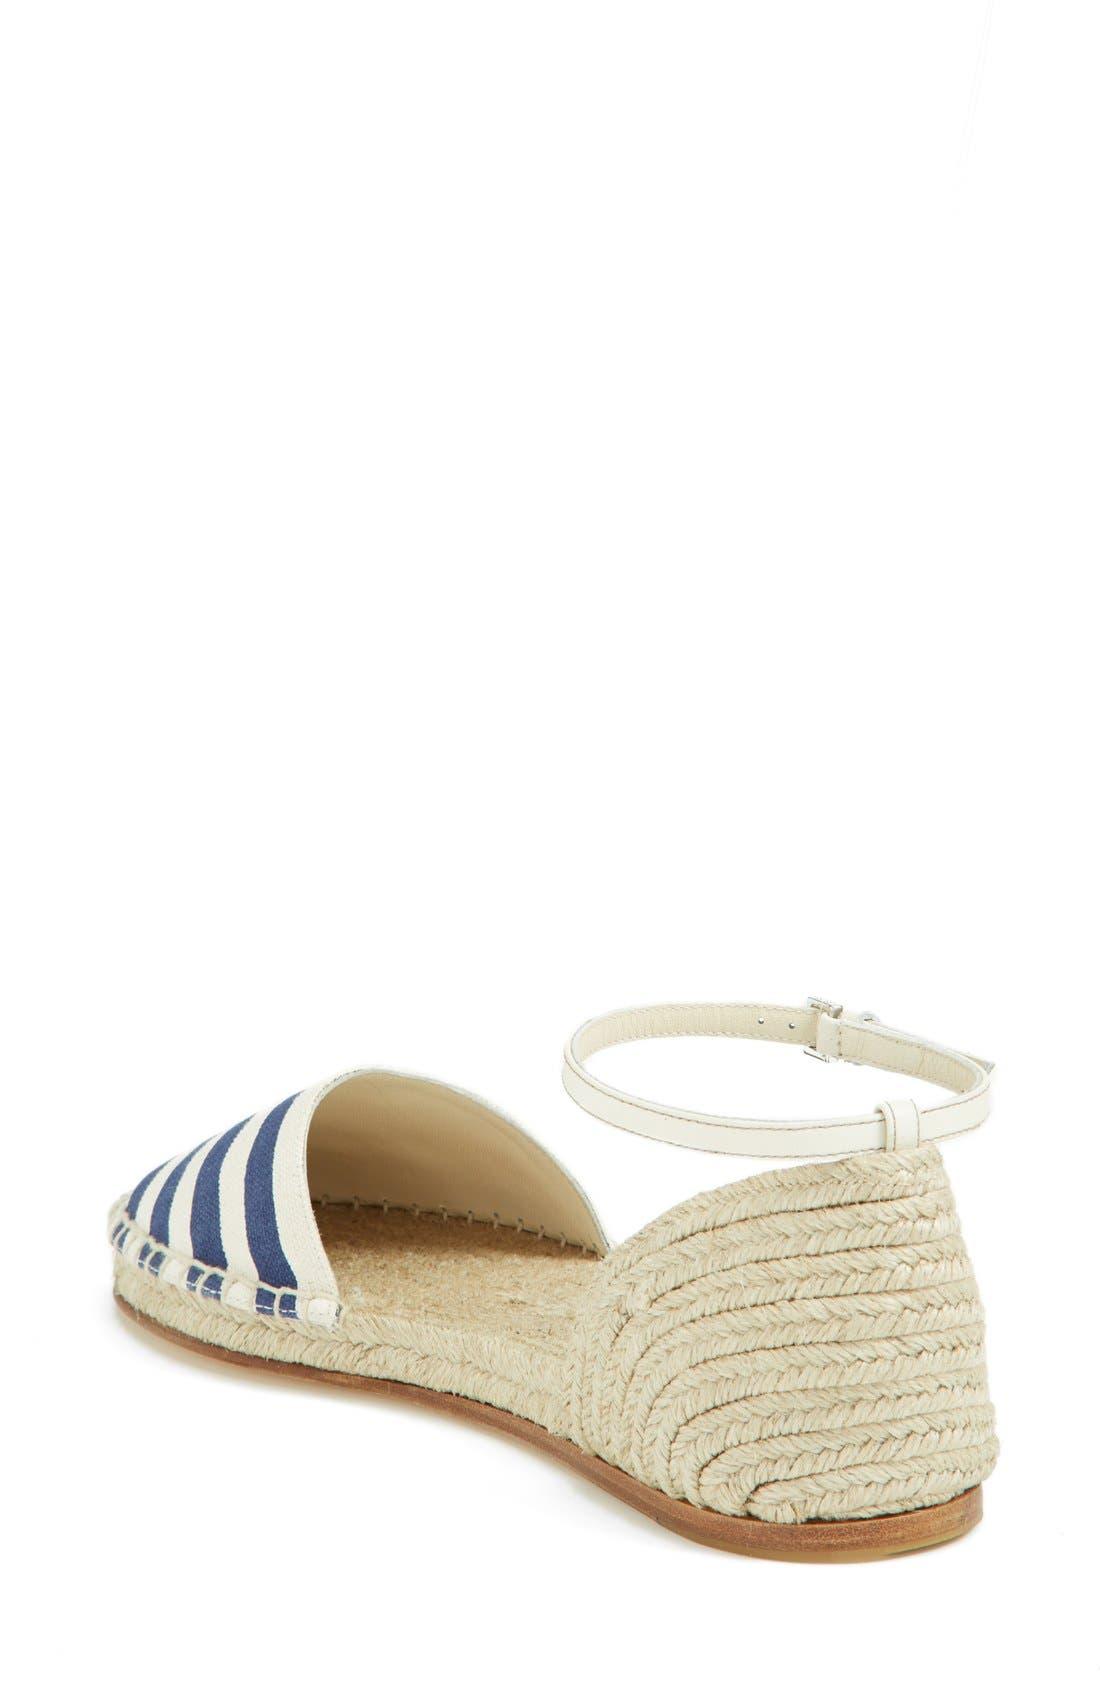 Alternate Image 2  - Gucci 'Veronique' Ankle Strap d'Orsay Espadrille Flat (Women)